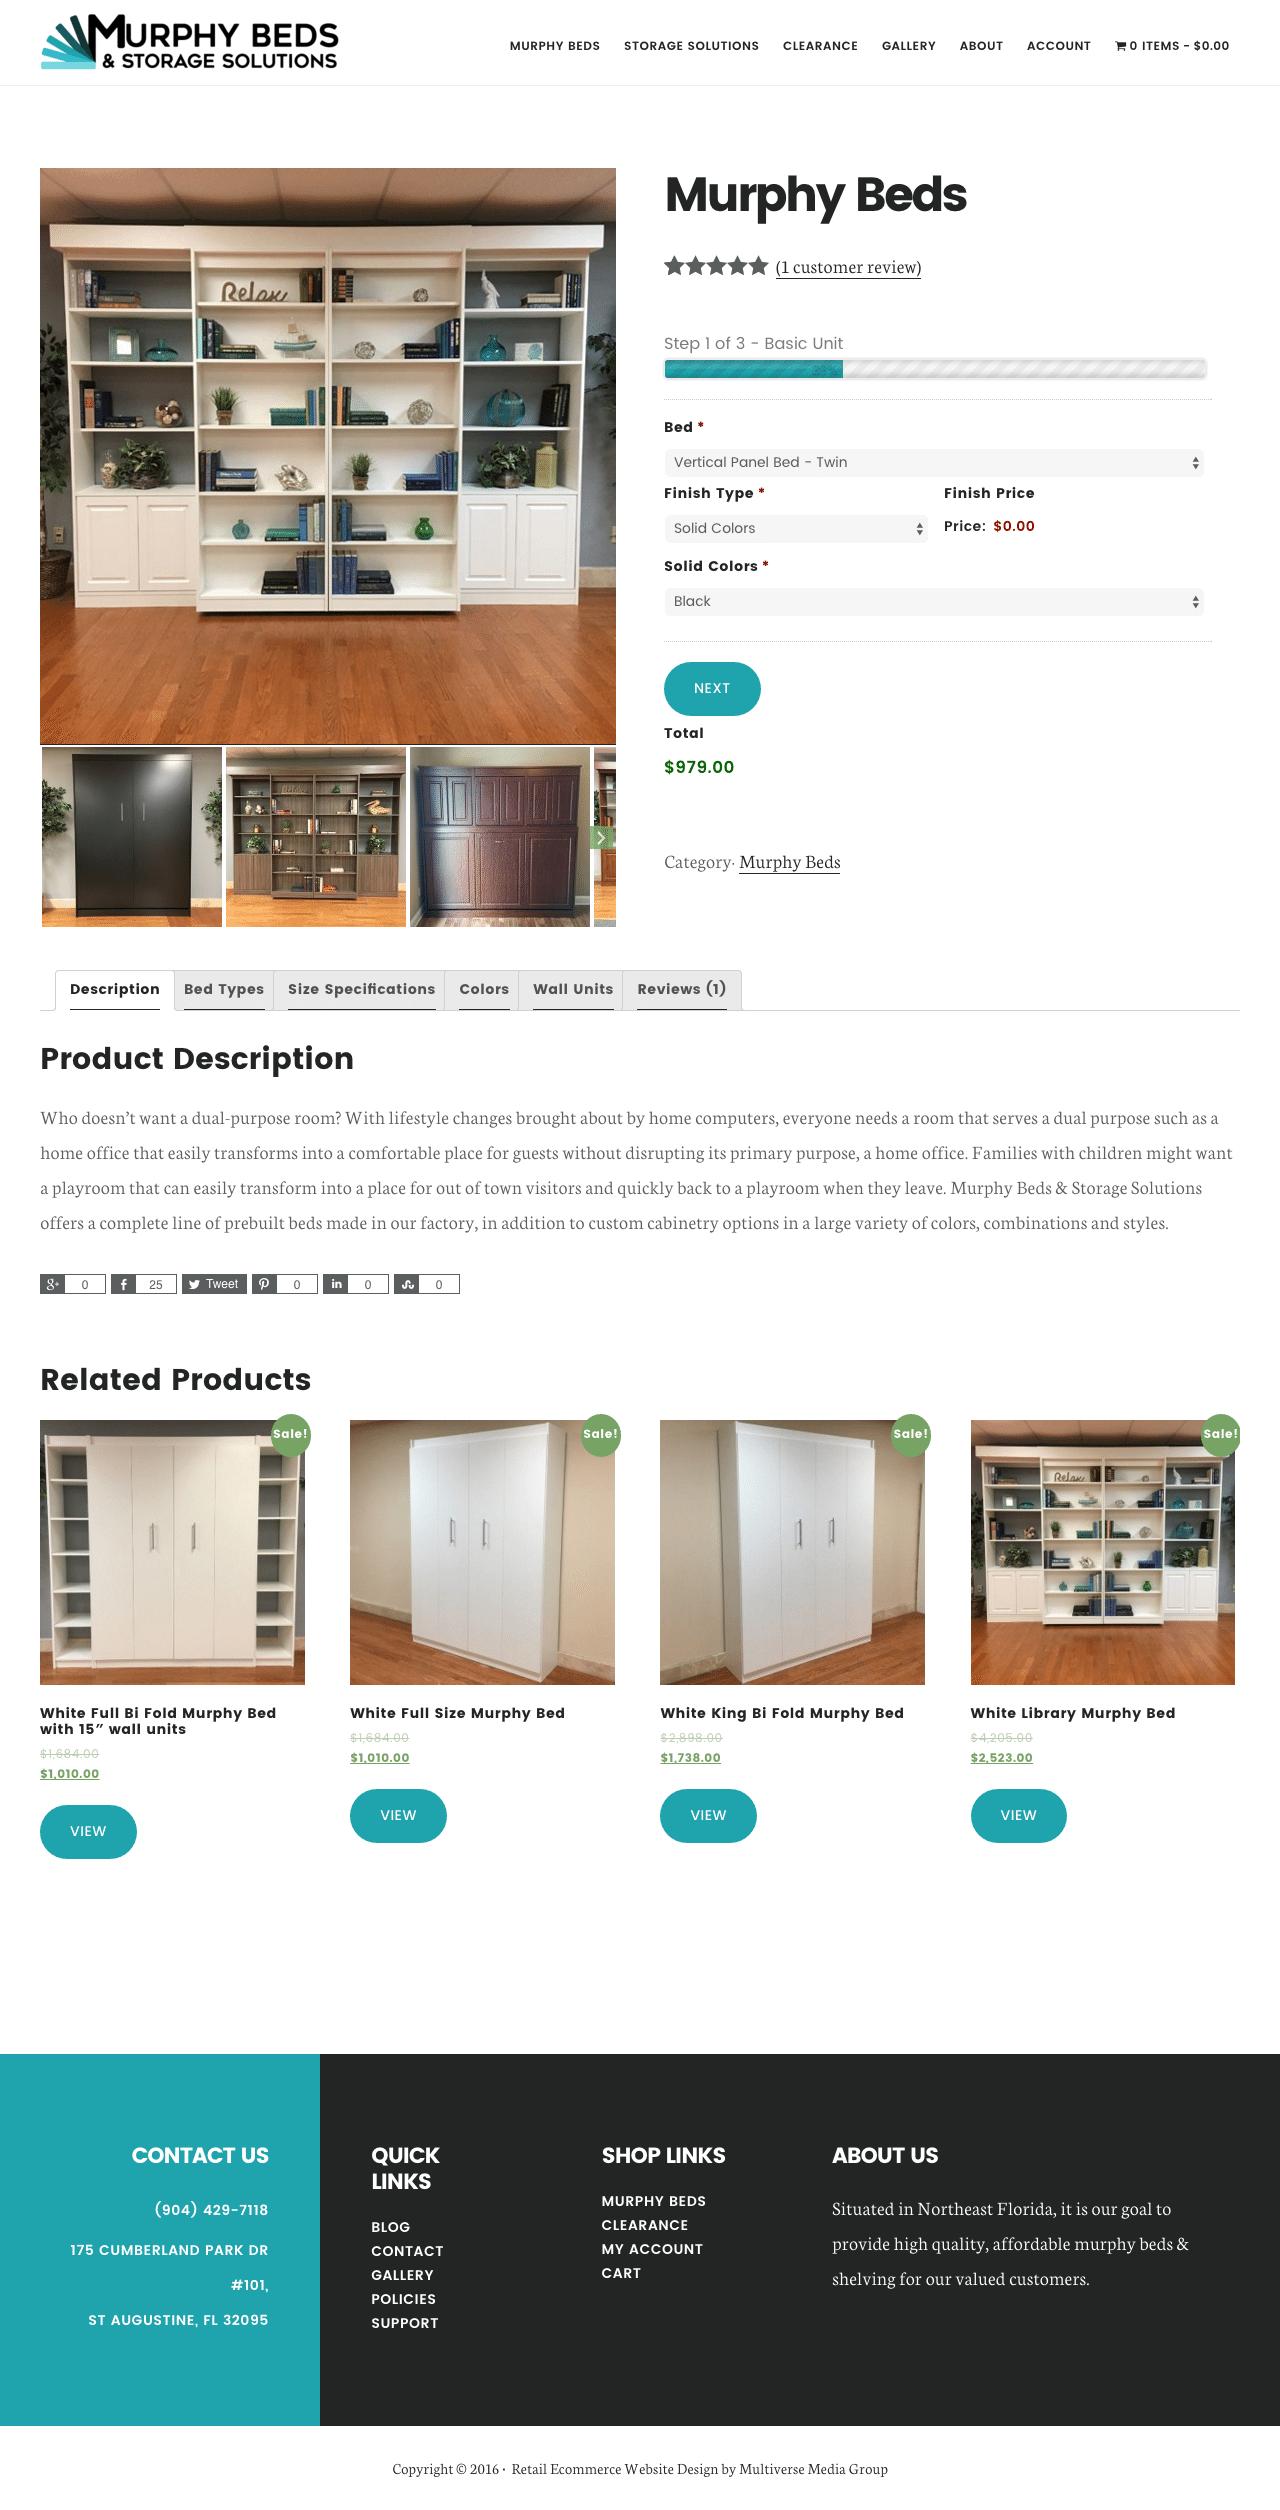 Murphy Beds & Storage Solutions Desktop